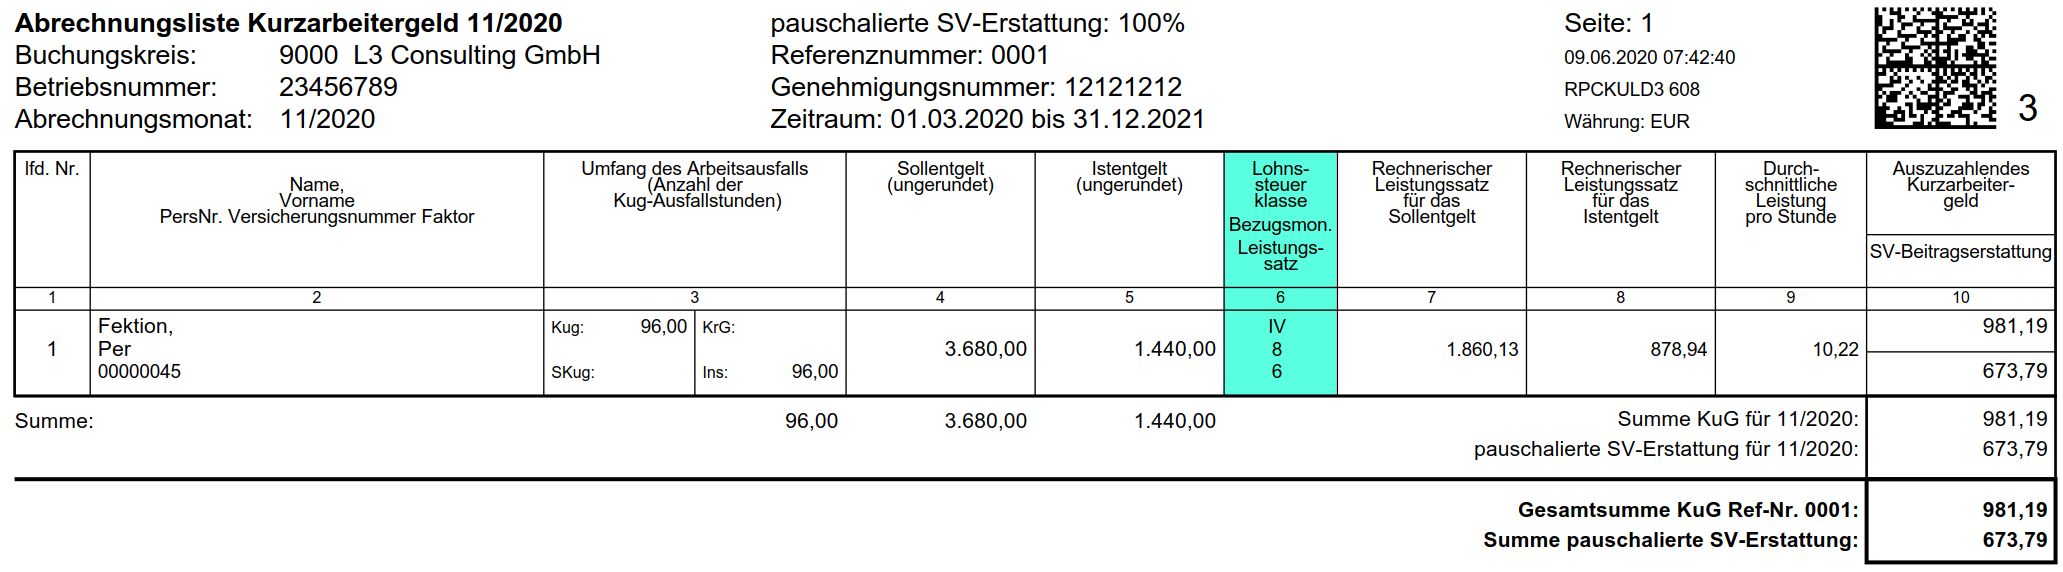 Gestaffelte Erhöhung des Kurzarbeitergeldes in Spalte 6 der KUG-Abrechnungsliste im SAP HCM